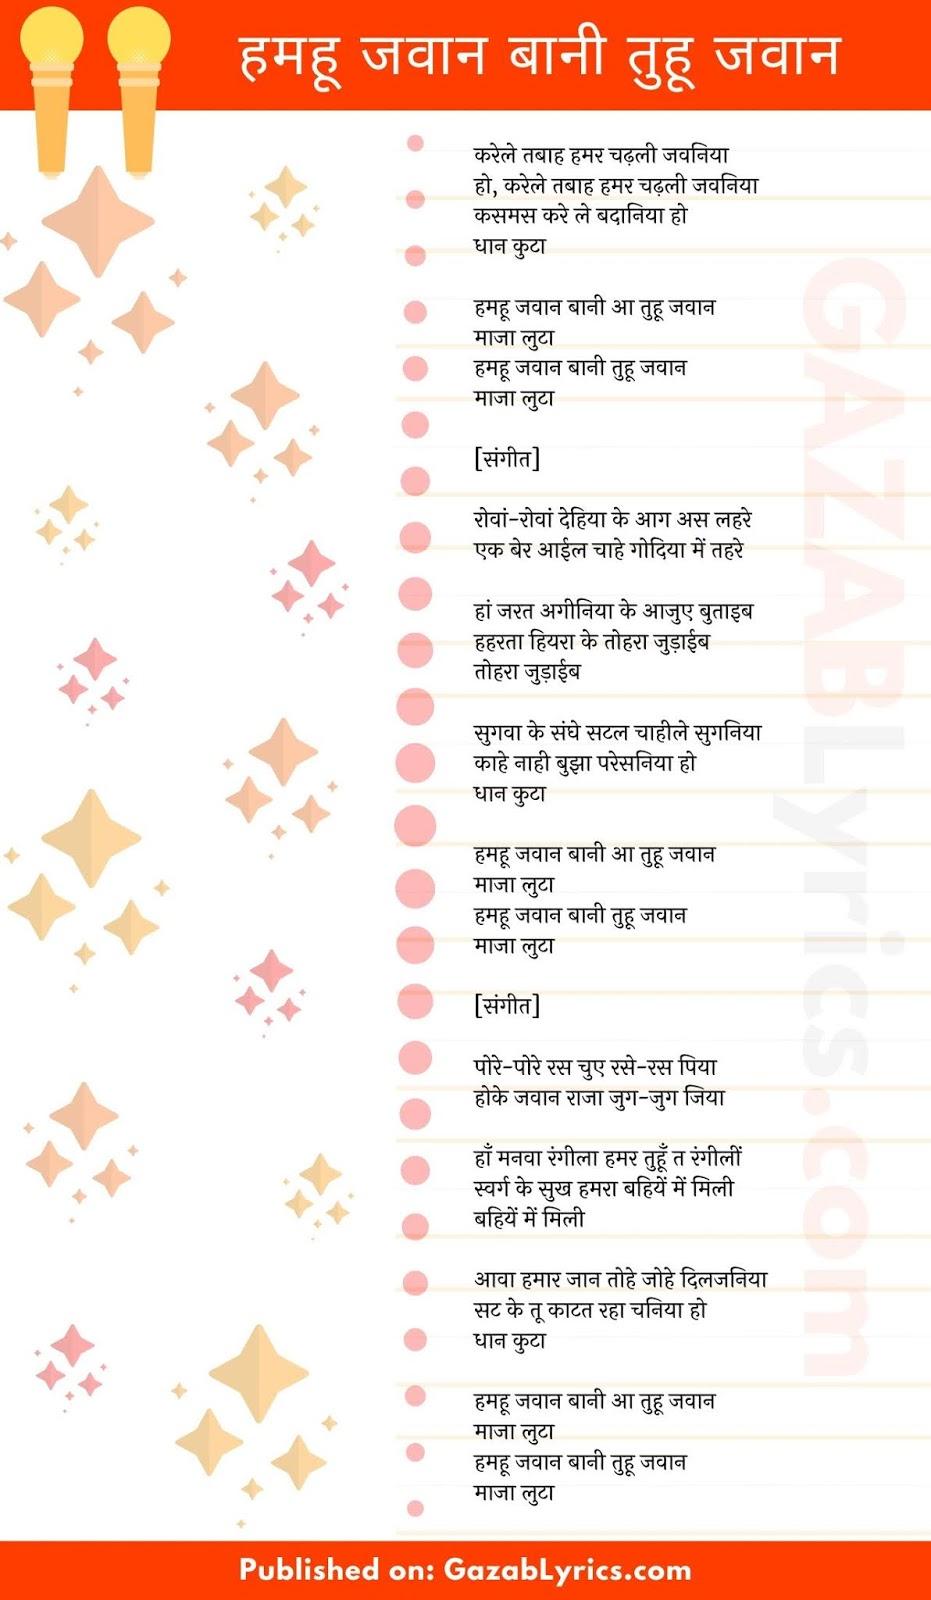 Hamahu Jawan Bani Tuhu Jawan song lyrics image